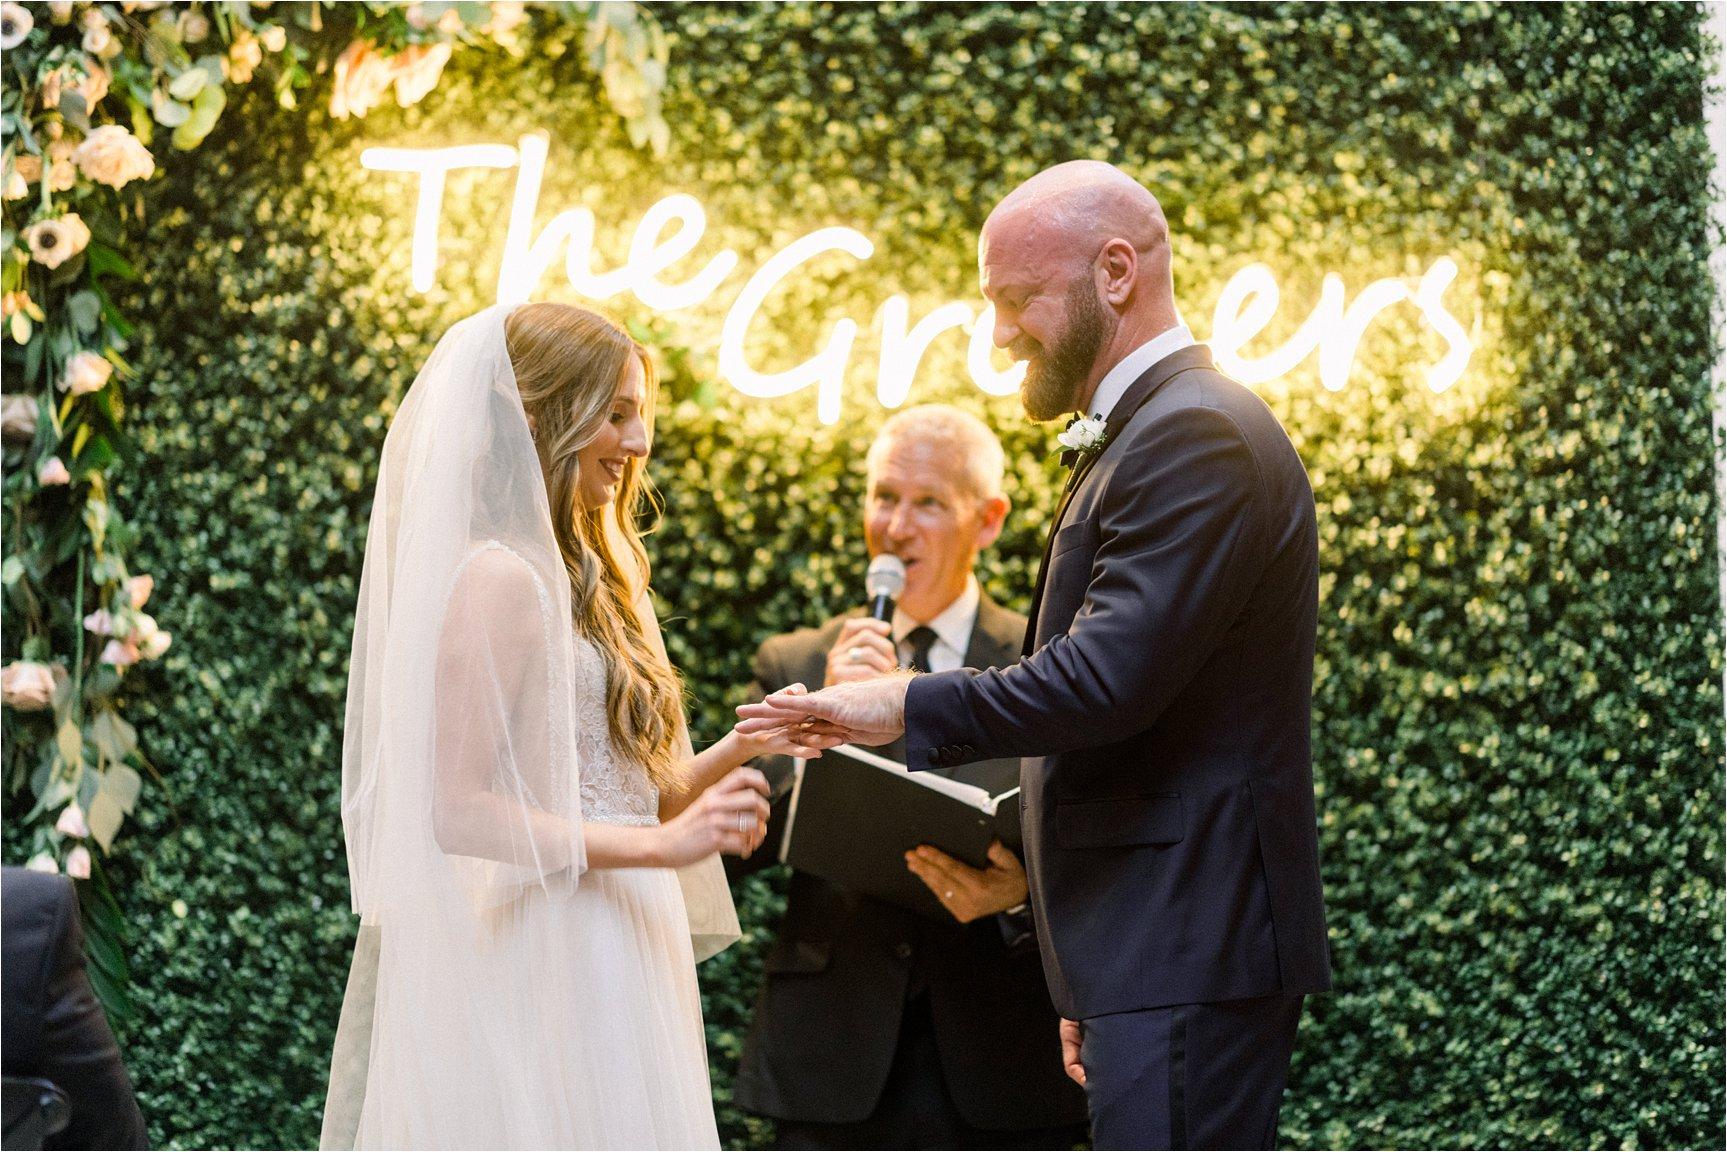 Oxford_Exchange_Wedding_Tampa149.JPG